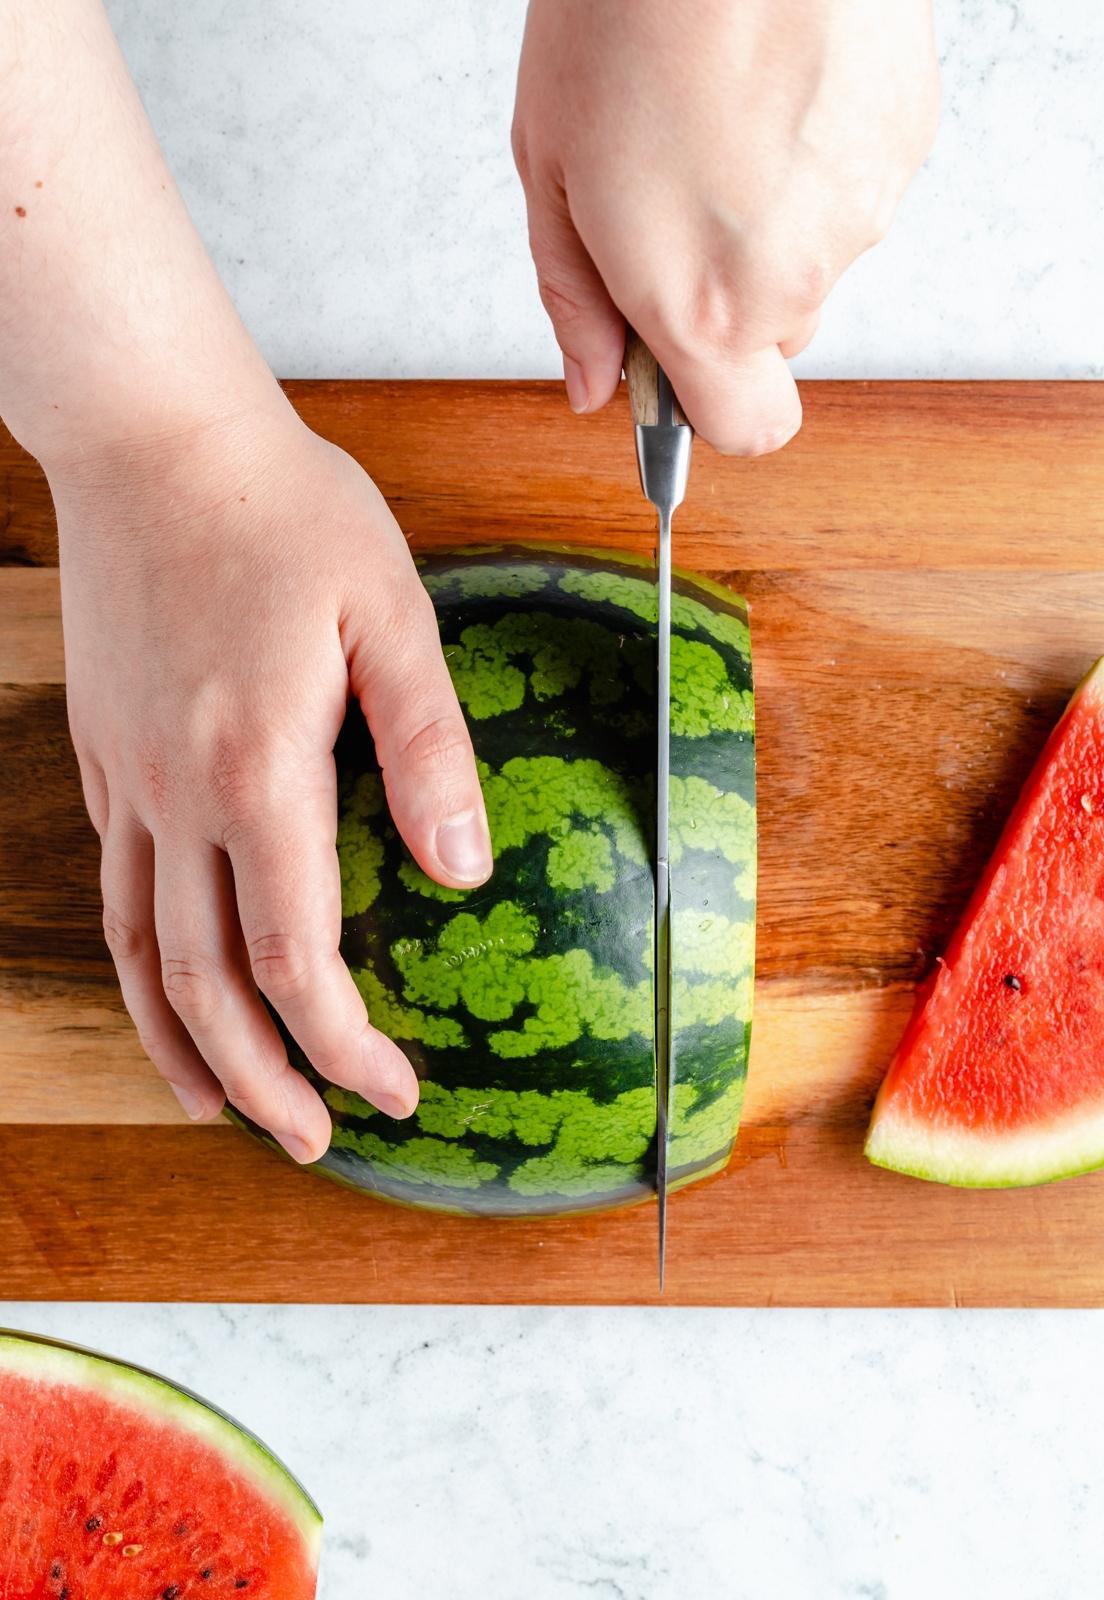 cutting a watermelon half on a cutting board